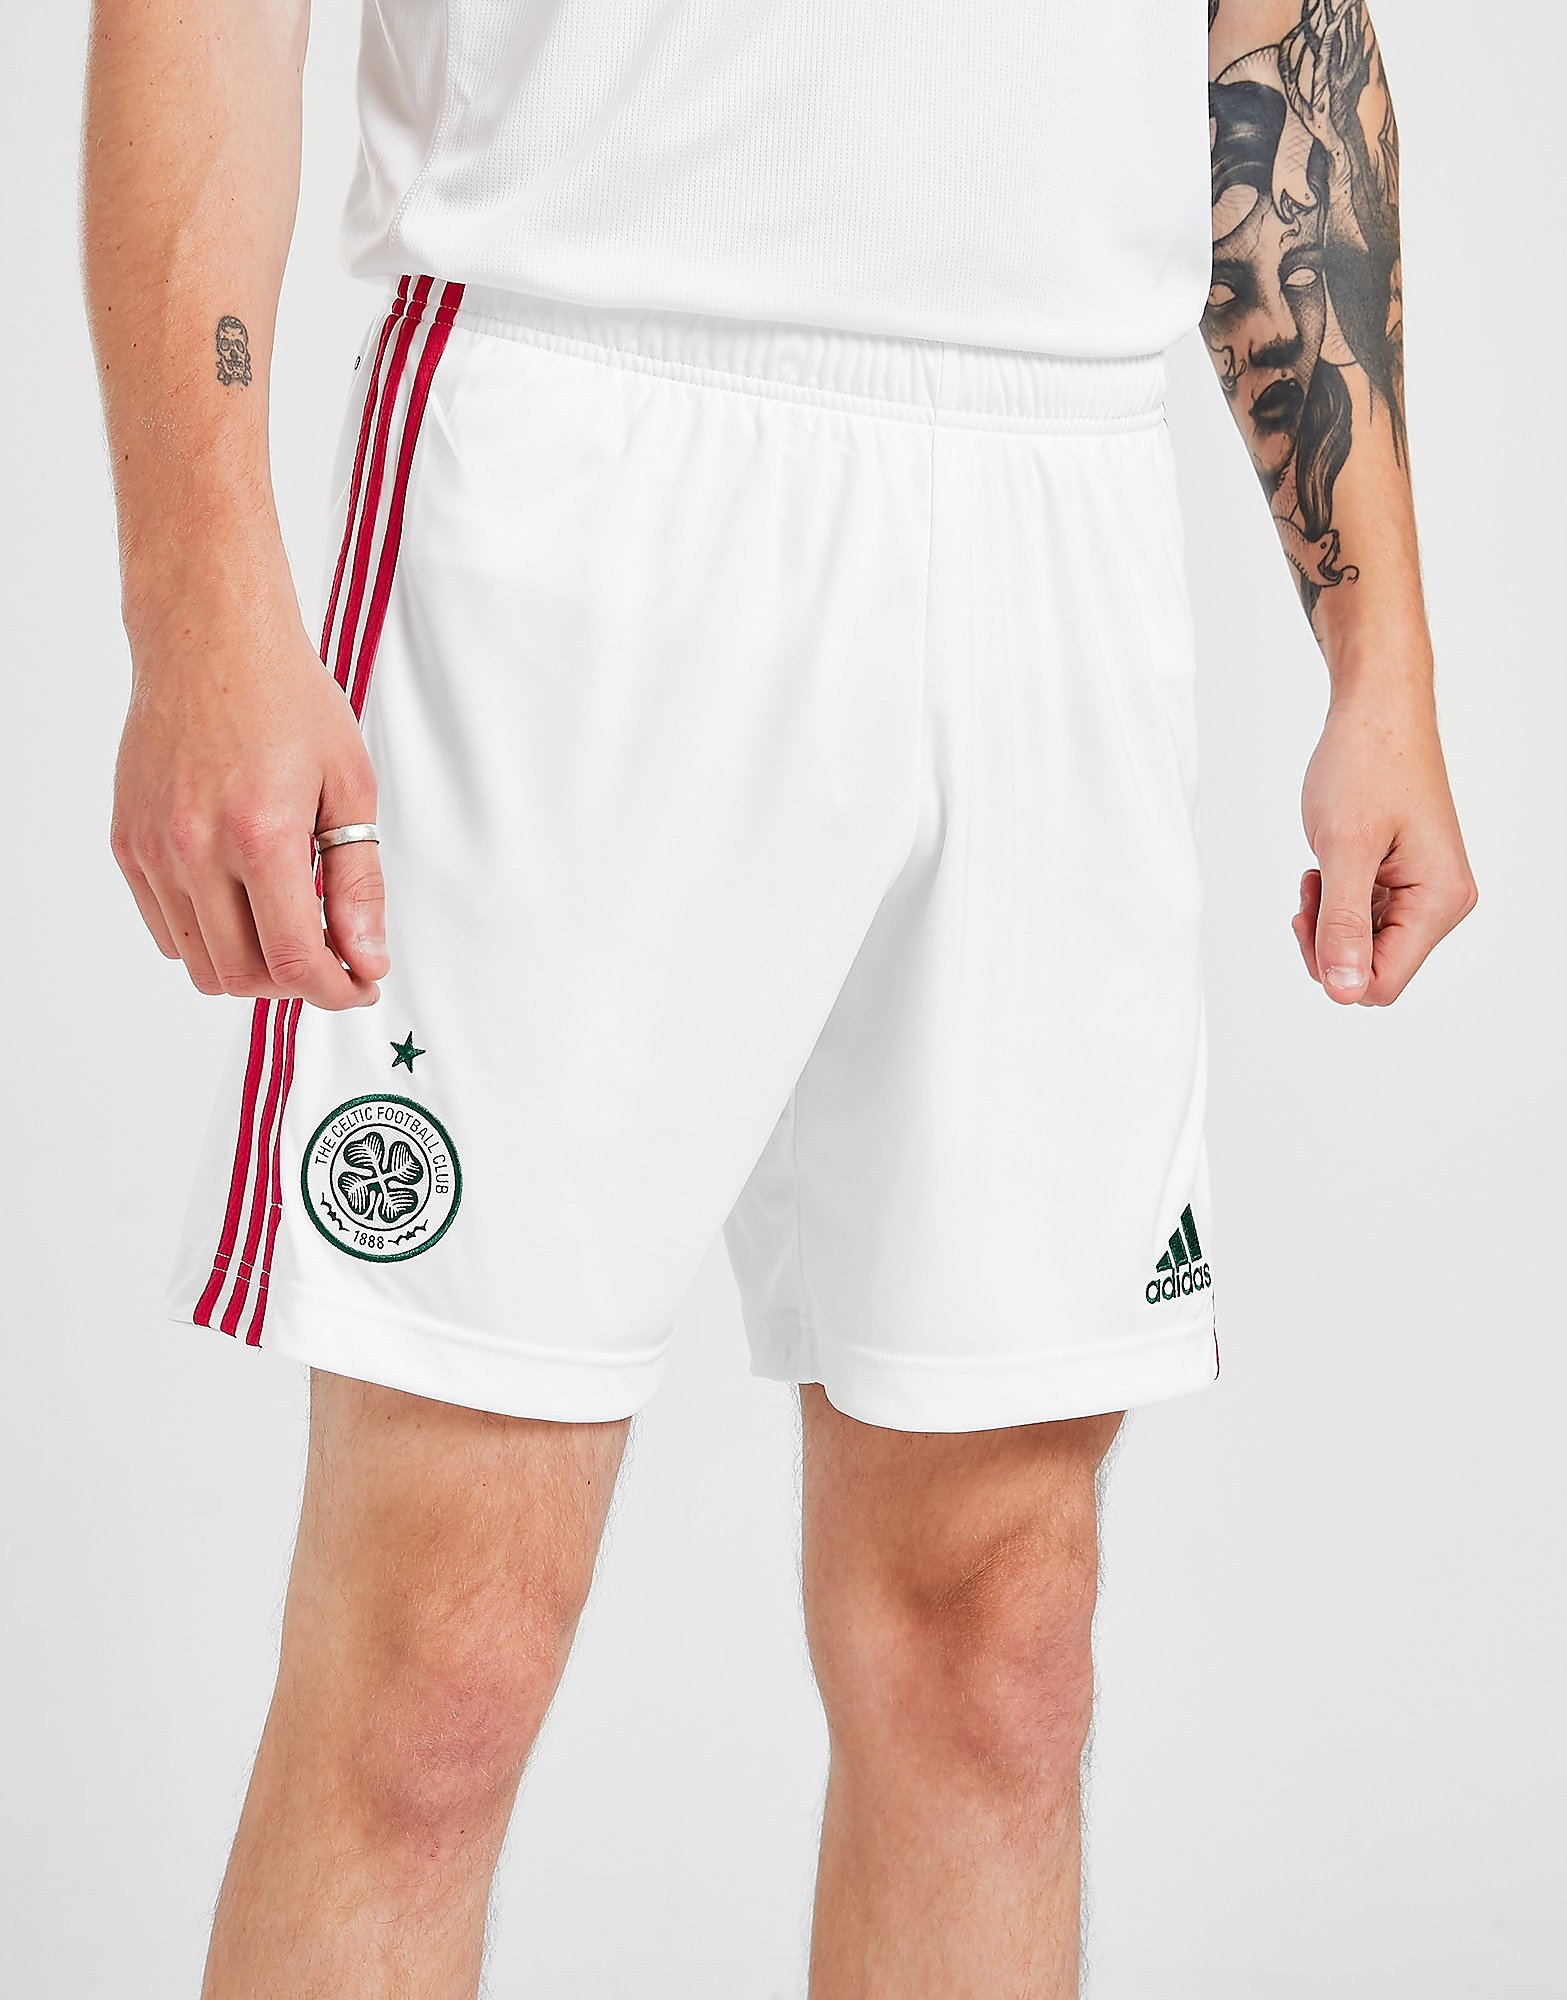 adidas Celtic FC 2021/22 Tredjeshorts Herr FÖRBESTÄLLNING, Vit